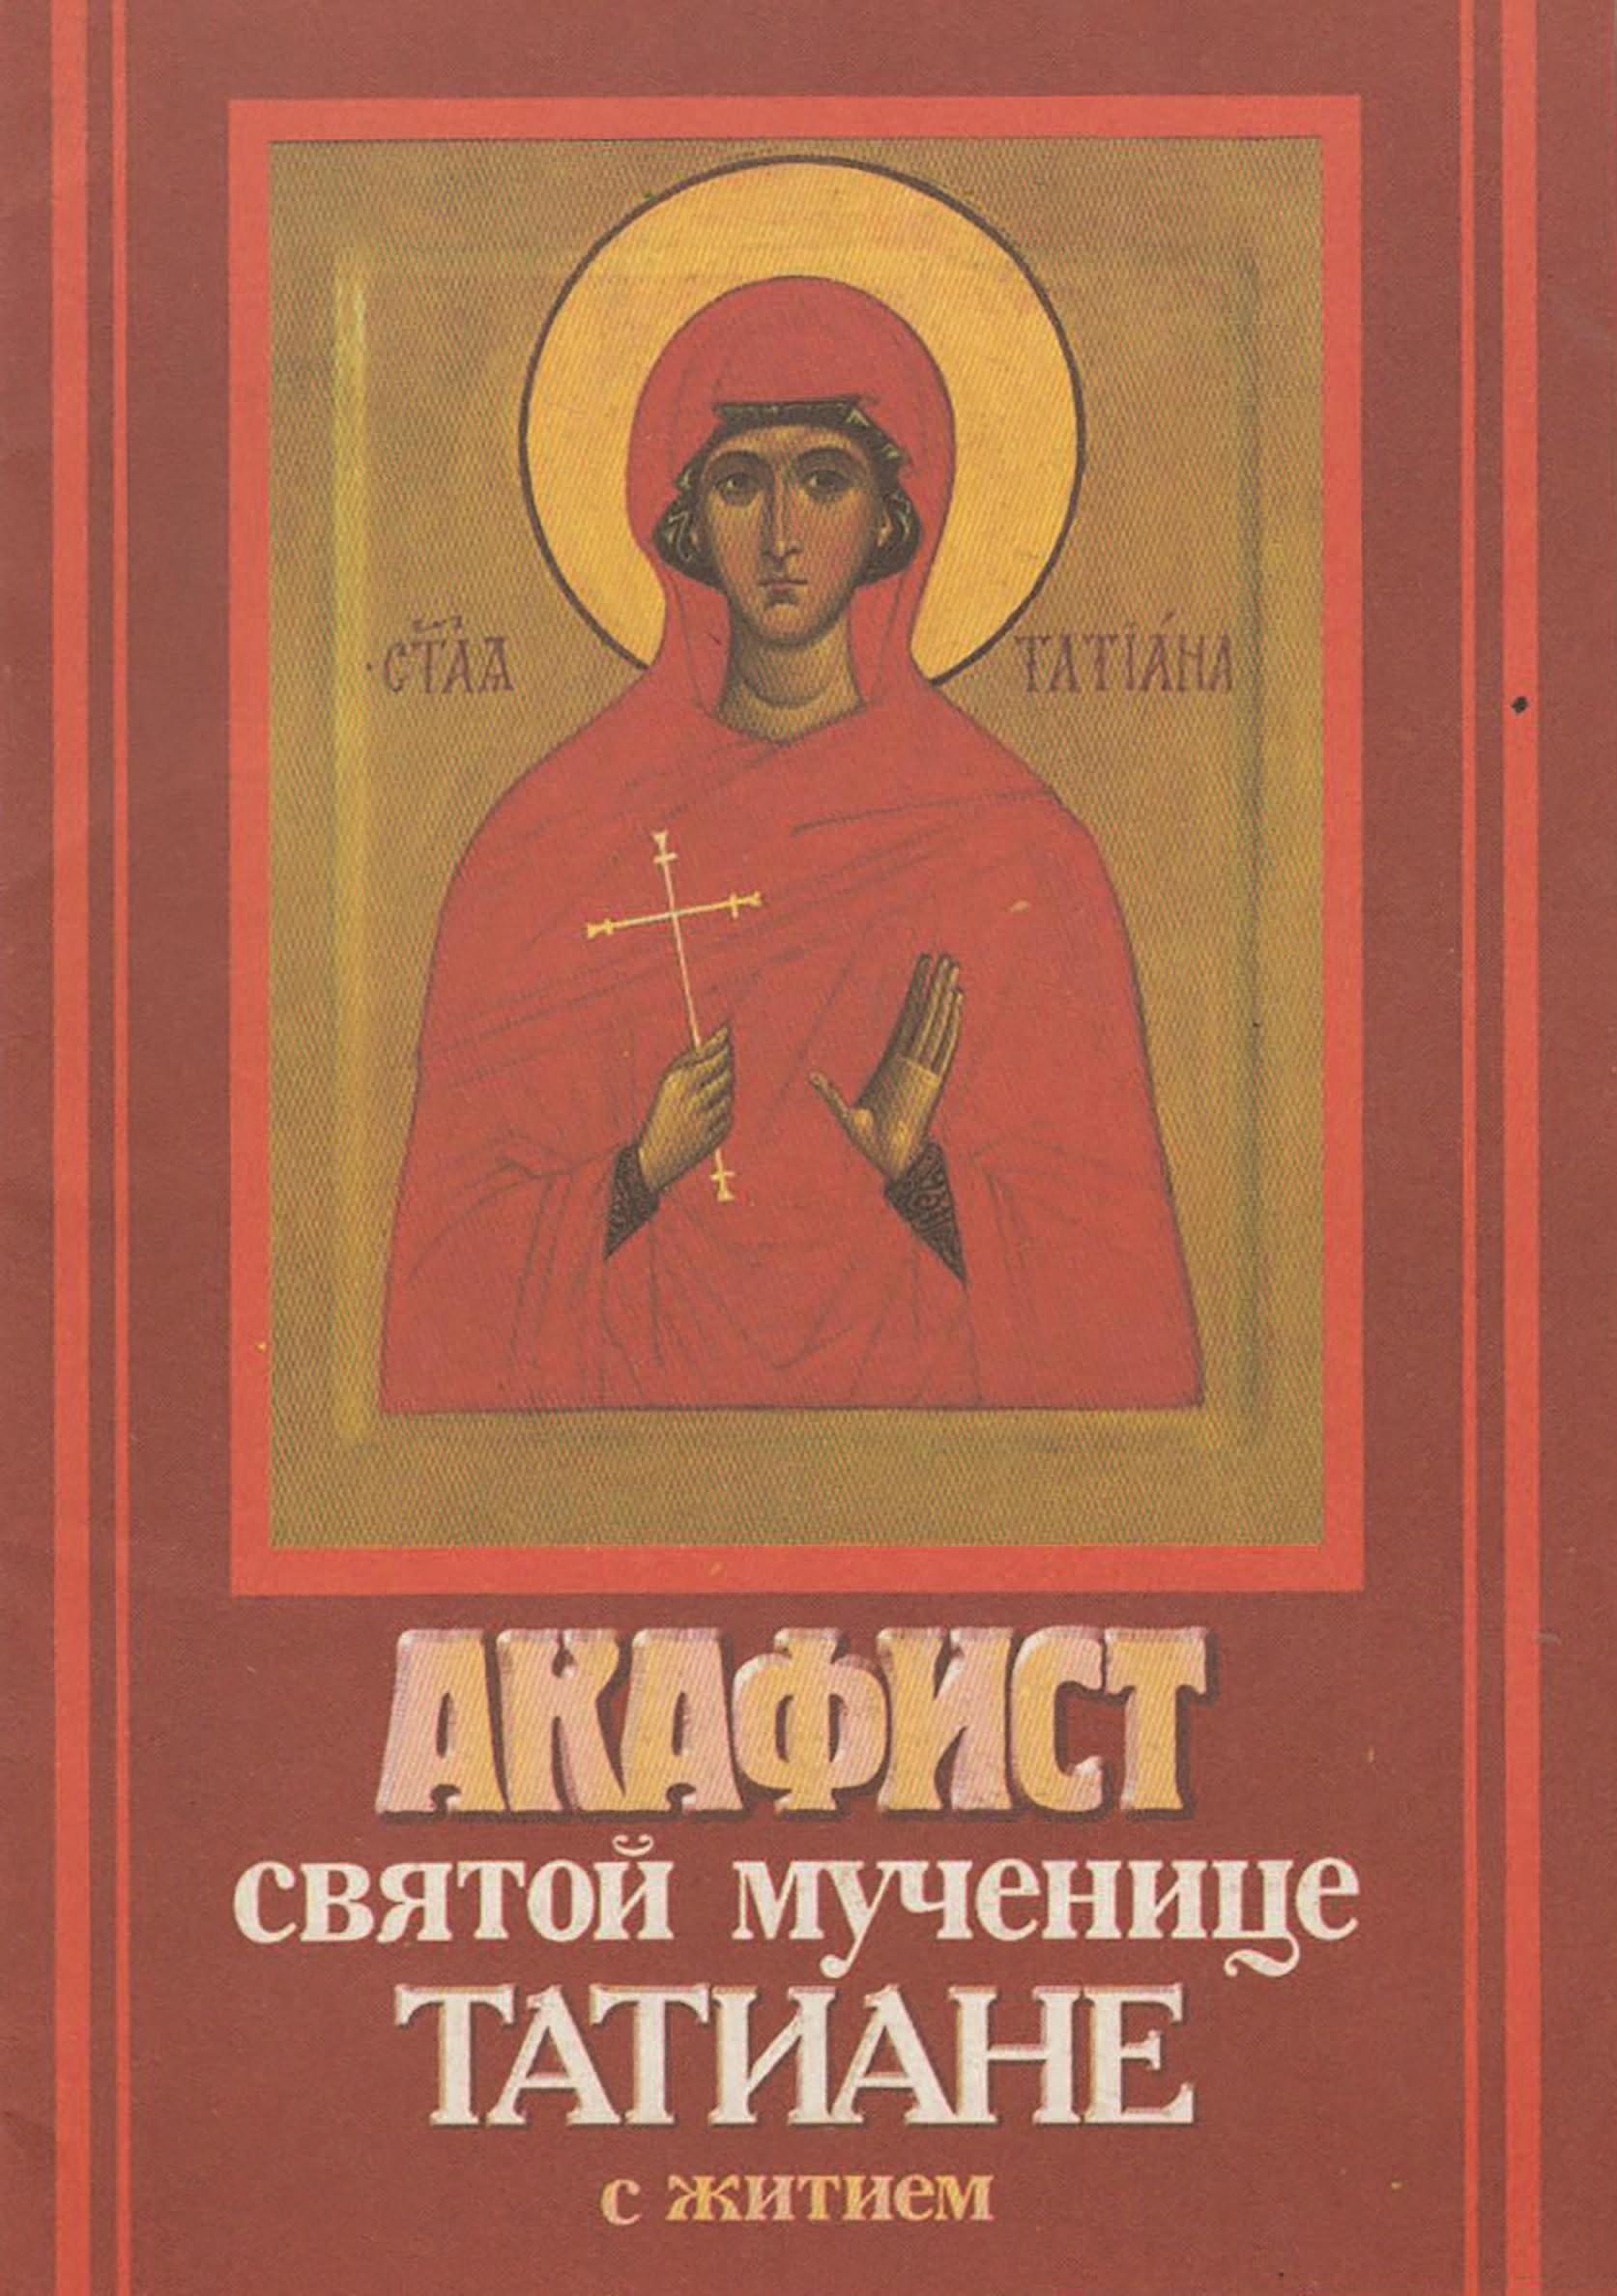 Купить книгу Акафист святой мученице Татиане с житием, автора Сборника